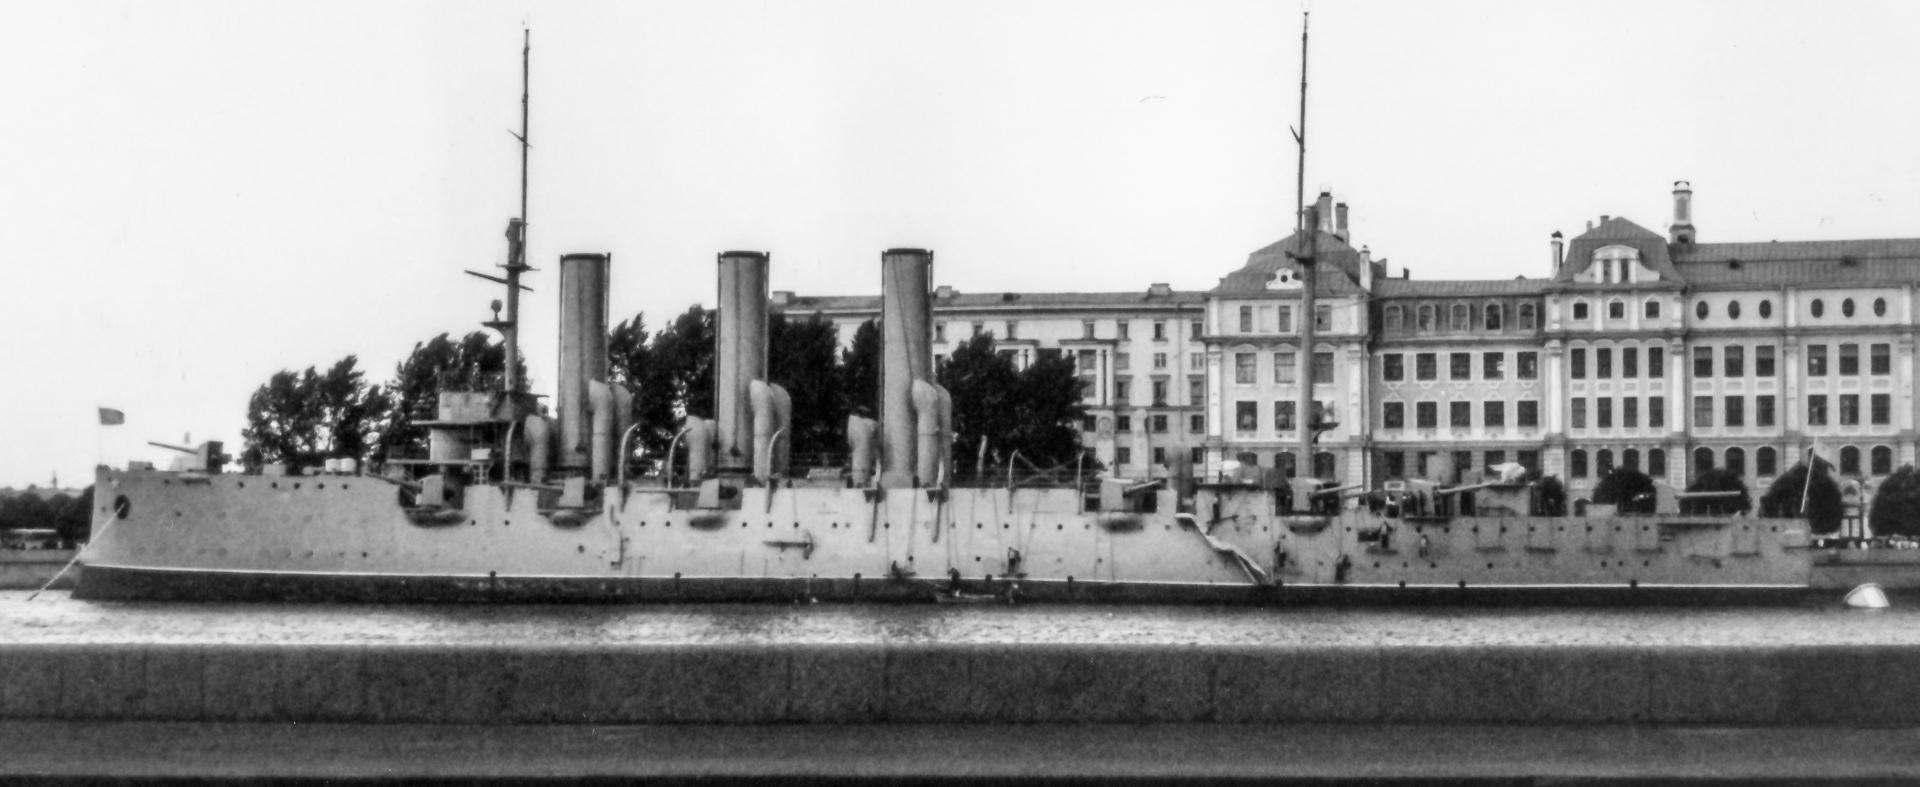 leningrad-1983-36jpg_26239981937_o.jpg